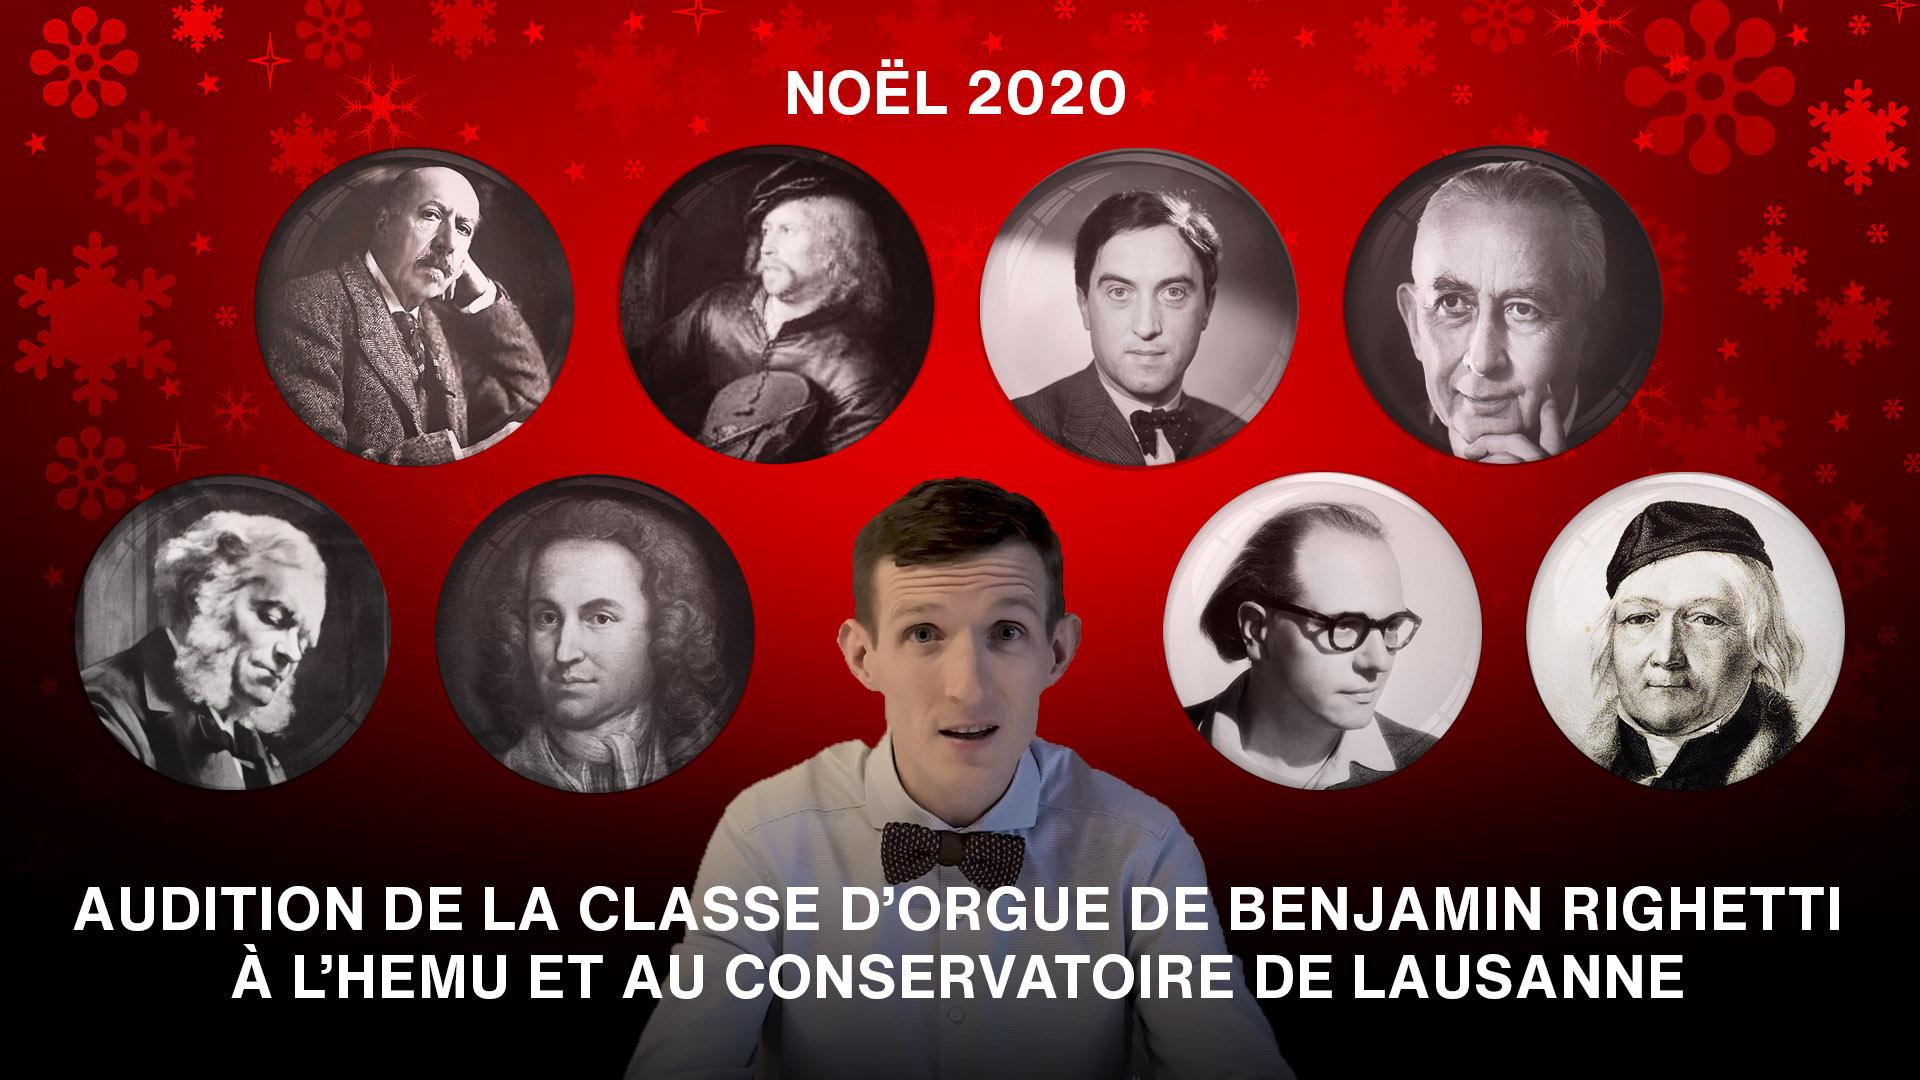 Audition de Noël de la classe d'orgue de Benjamin Righetti, HEMU et Conservatoire de Lausanne